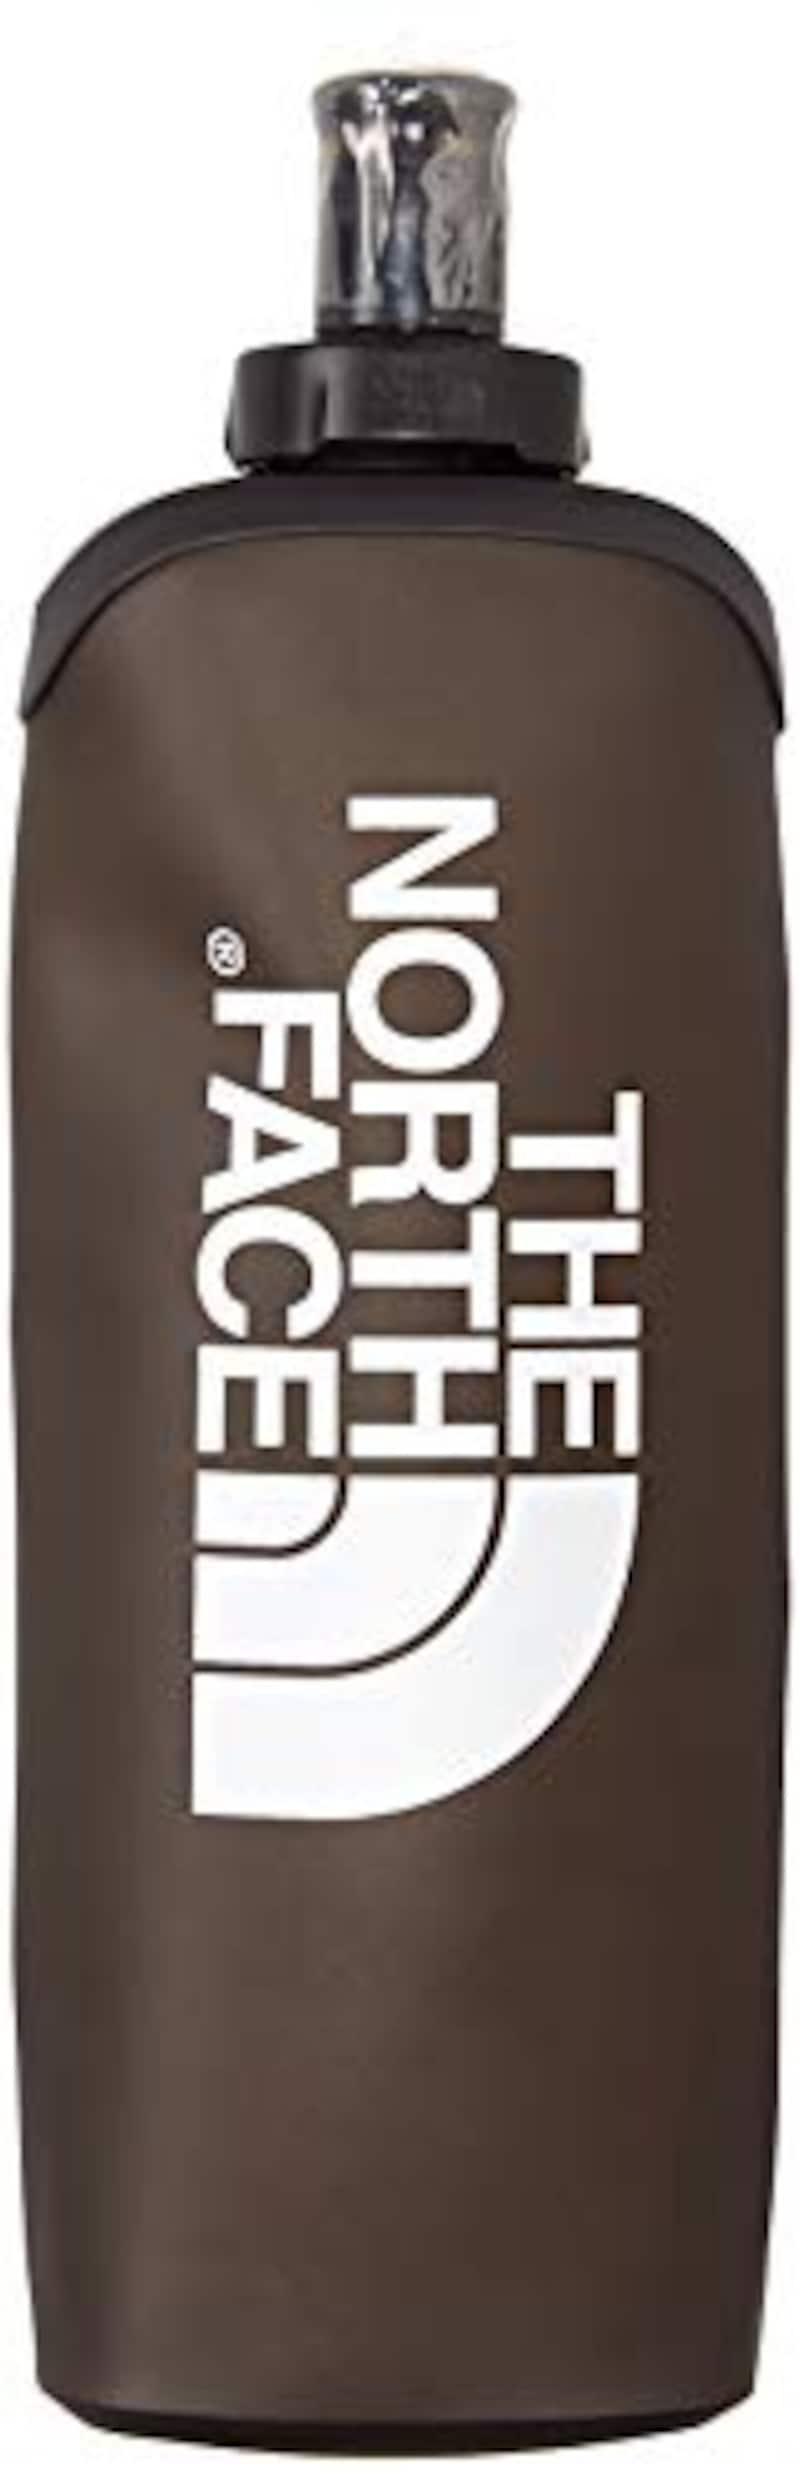 THE NORTH FACE(ザノースフェイス),ランニングソフトボトル